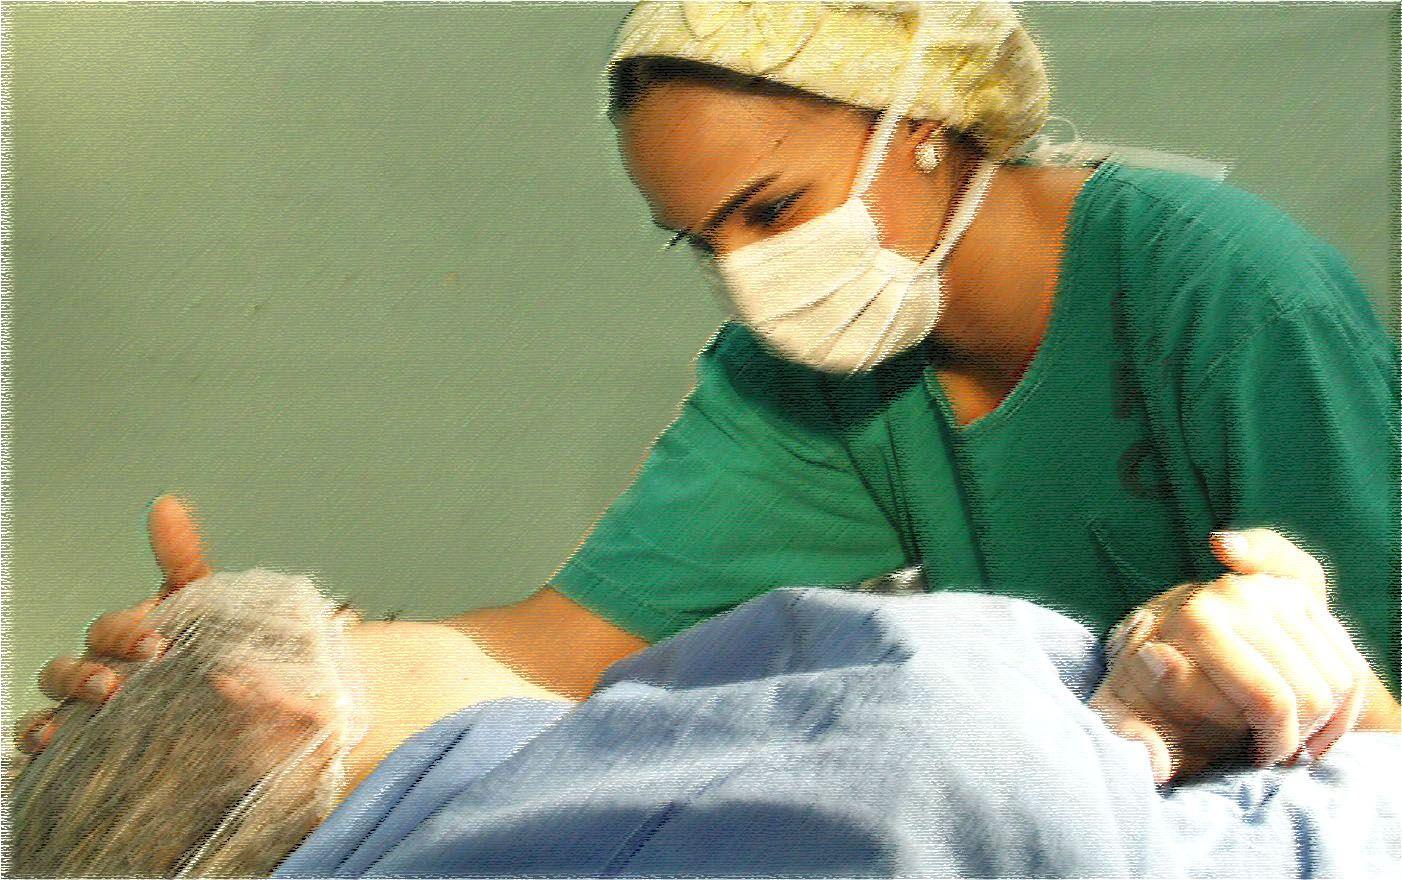 O que faz um tecnico de enfermagem